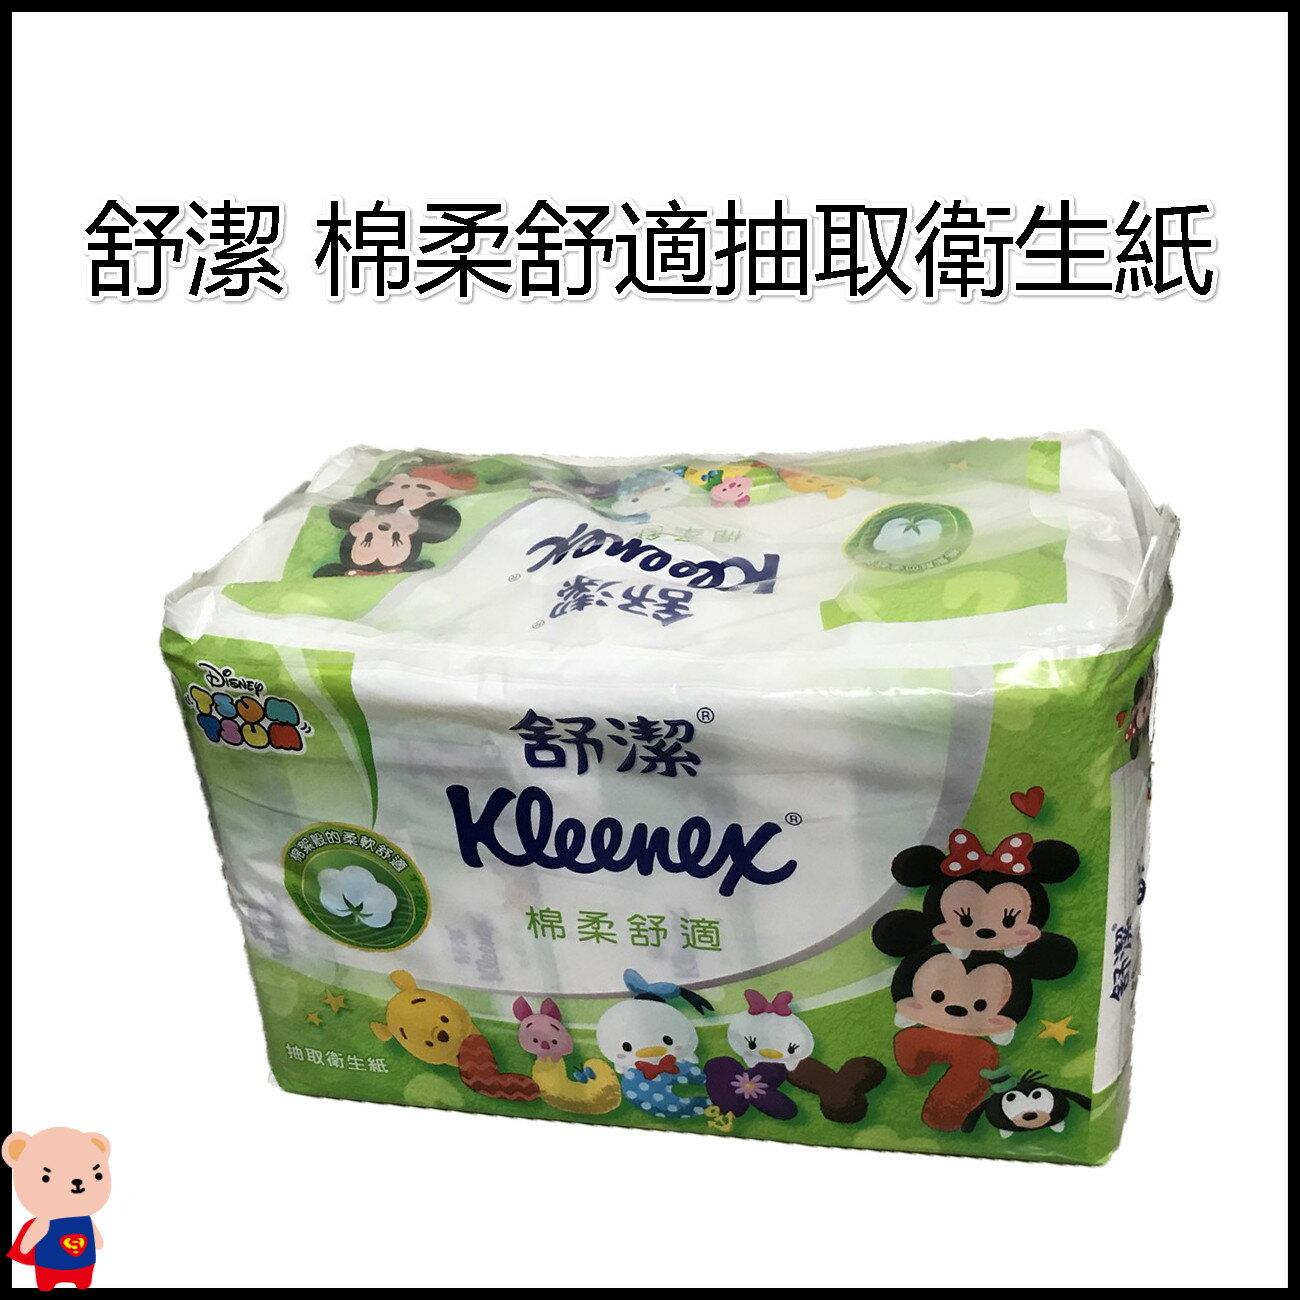 舒潔 迪士尼 棉柔舒適抽取衛生紙 整箱限宅配 100抽 一箱8串x8包 衛生紙 面紙 抽取式